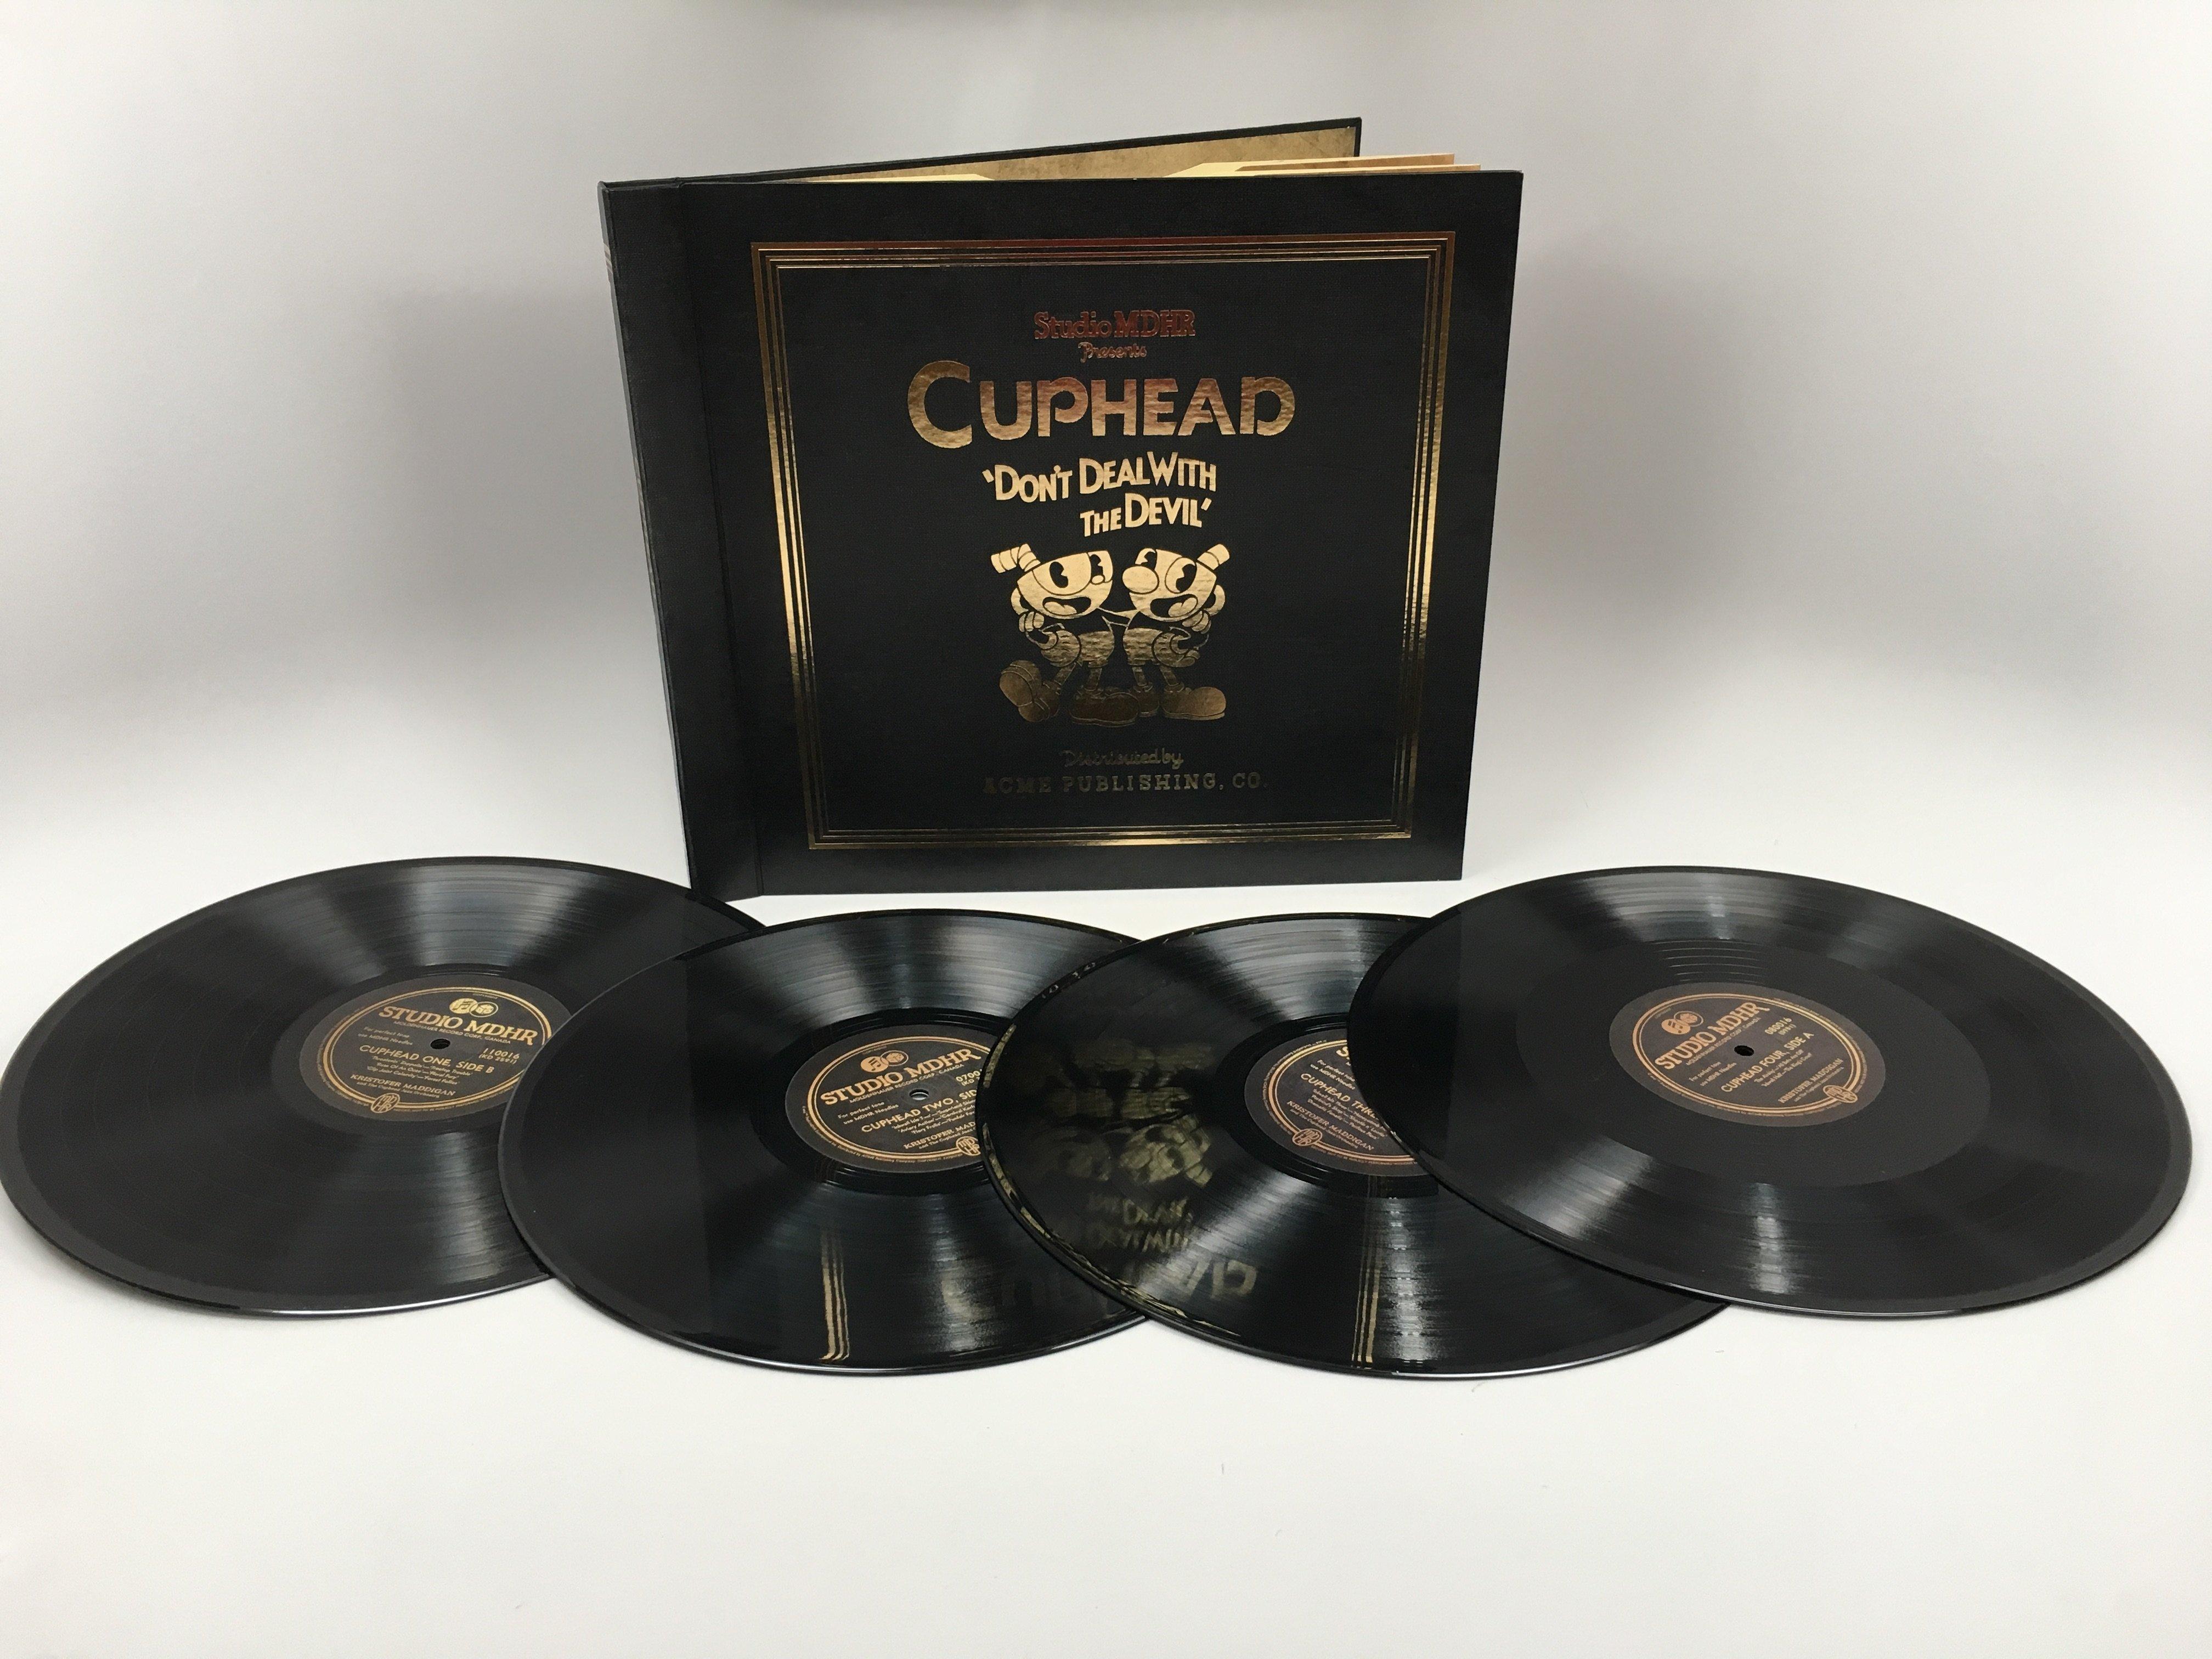 Музыка к стилизованной под мультфильмы 30-х аркаде Cuphead получит издание на четырех пластинках